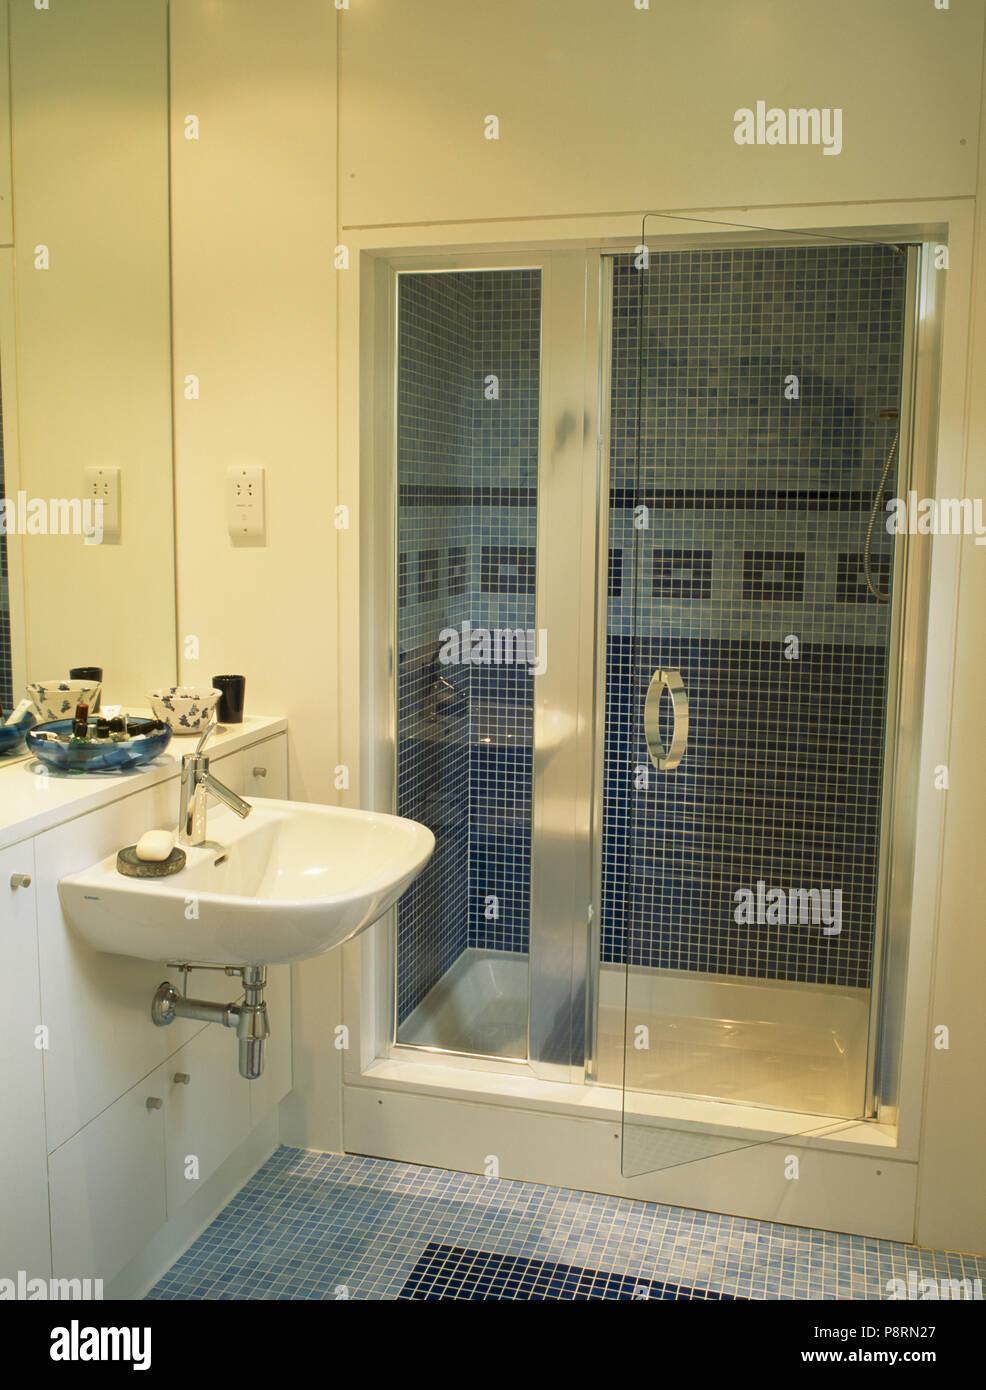 Glastür, Duschkabine in moderne, weiße Badezimmer Stockfotografie ...